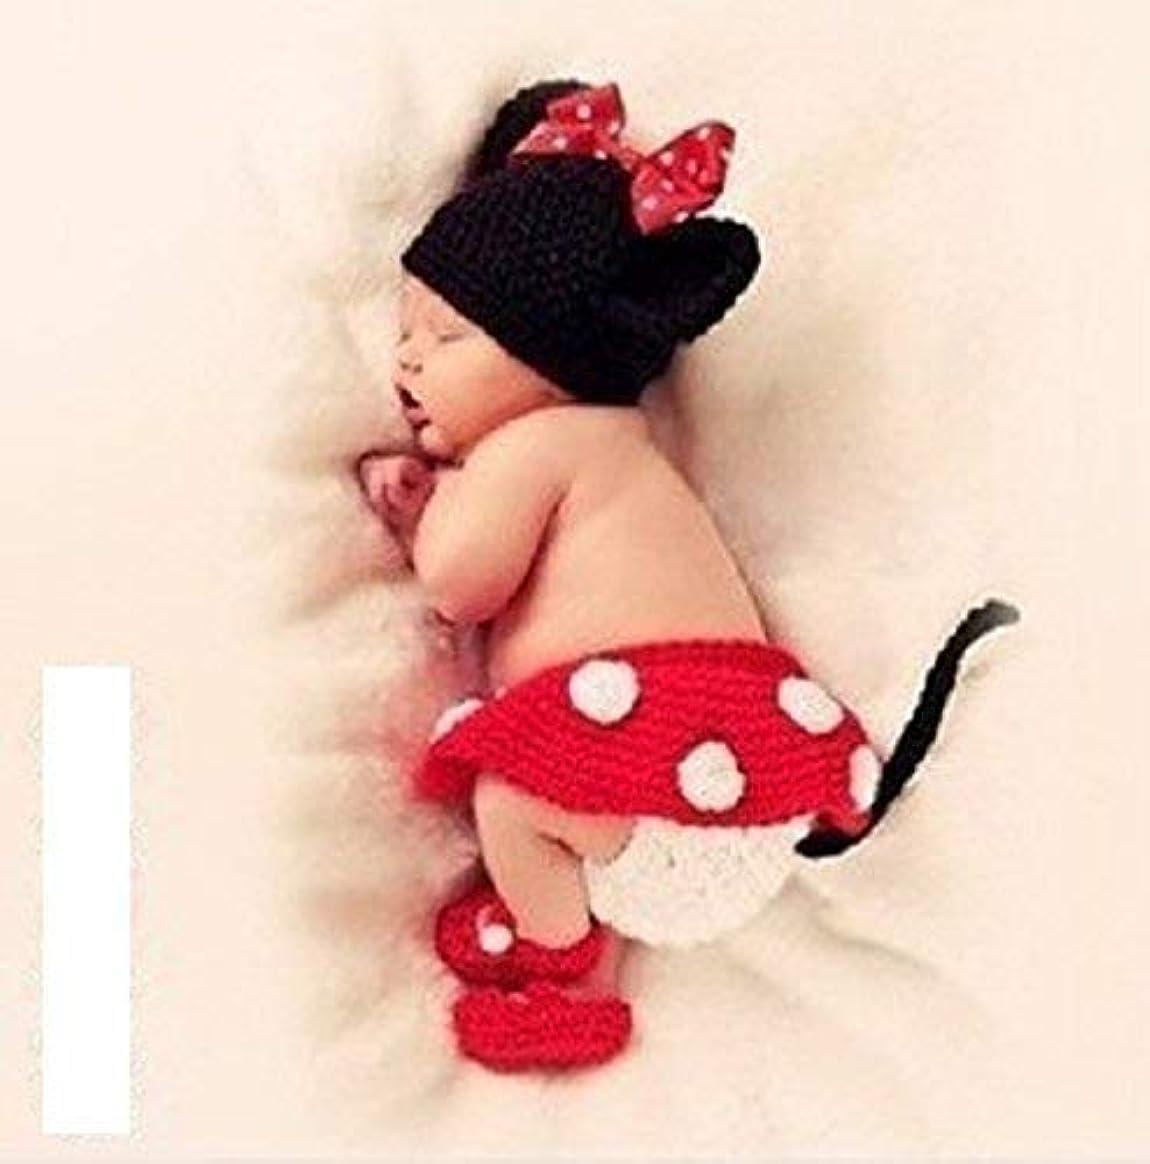 アーサーコナンドイル裁量アイドルYamiko ベビー用着ぐるみ ベビー服 コスチューム スイマーバ 寝相アート 記念写真/写真撮影用 出産祝い (ミッキー マウス) 女の子 男の子 出産祝い プレゼント